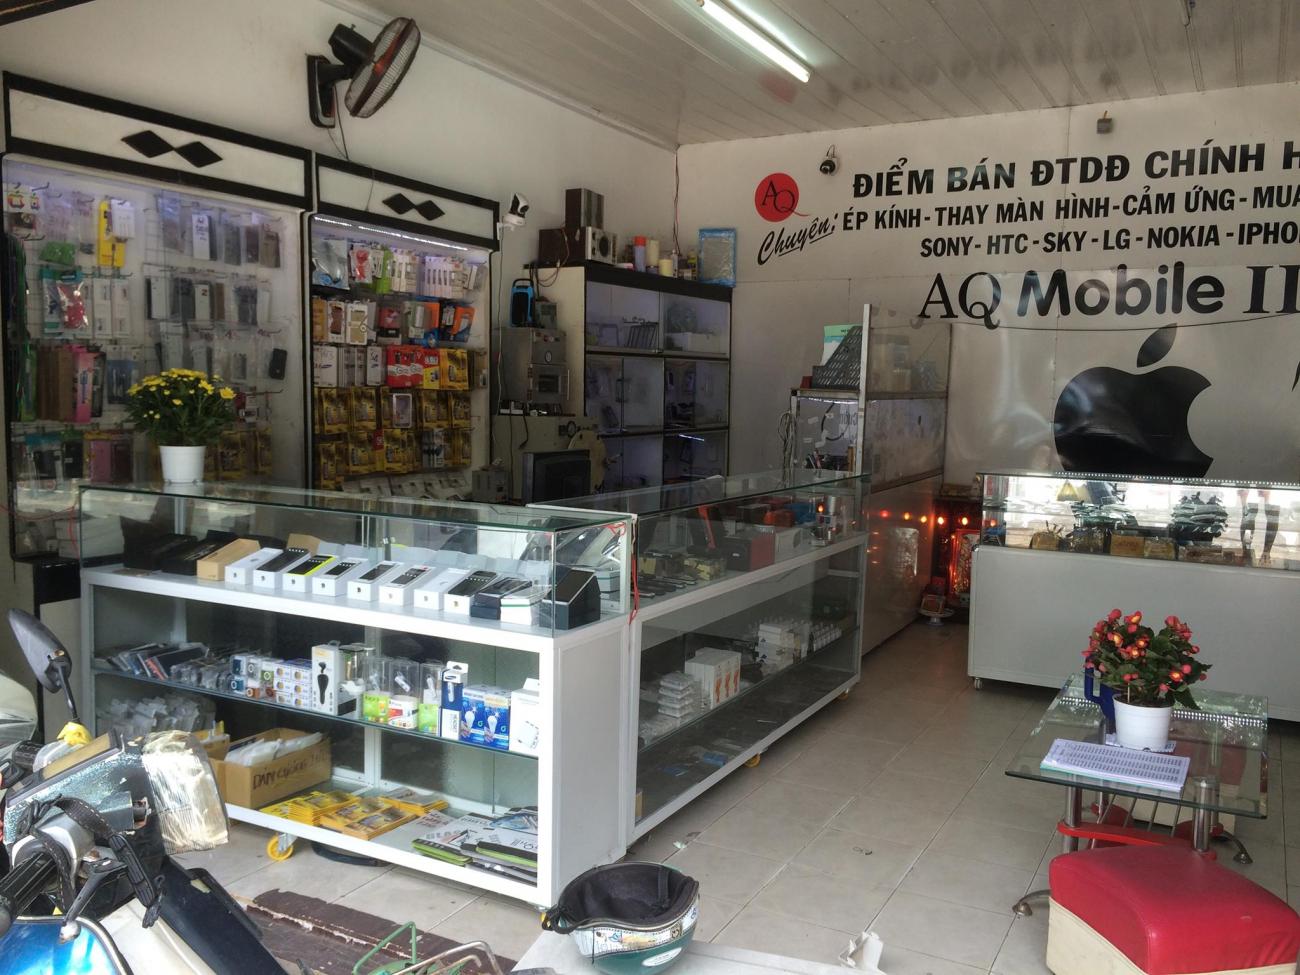 Top cửa hàng bán điện thoại xách tay giá rẻ tại Điện Biên